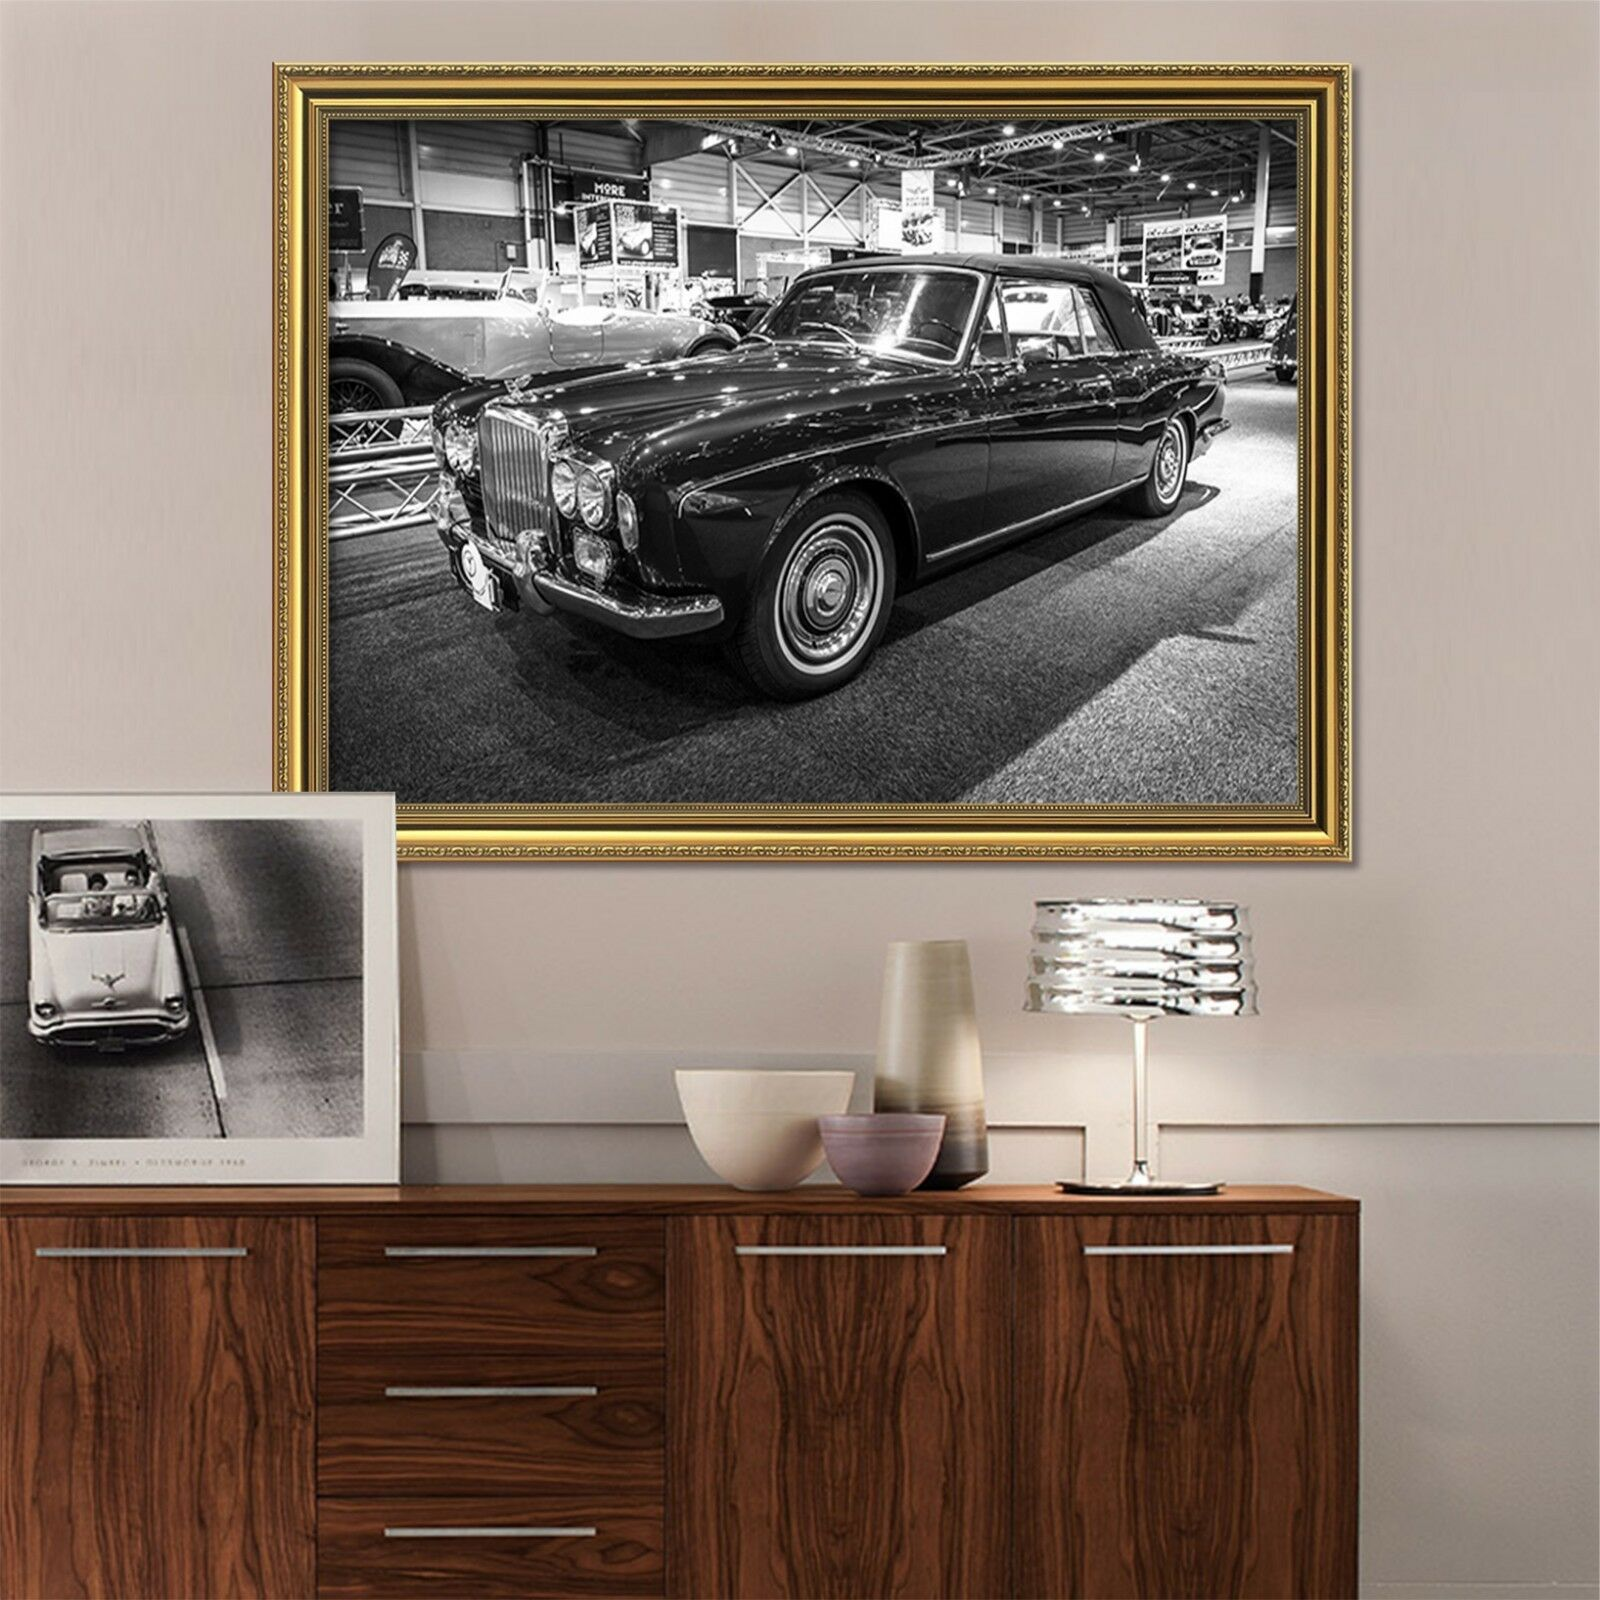 3D Luxury Car 63 Framed Poster Home Decor Print Painting Art AJ WALLPAPER